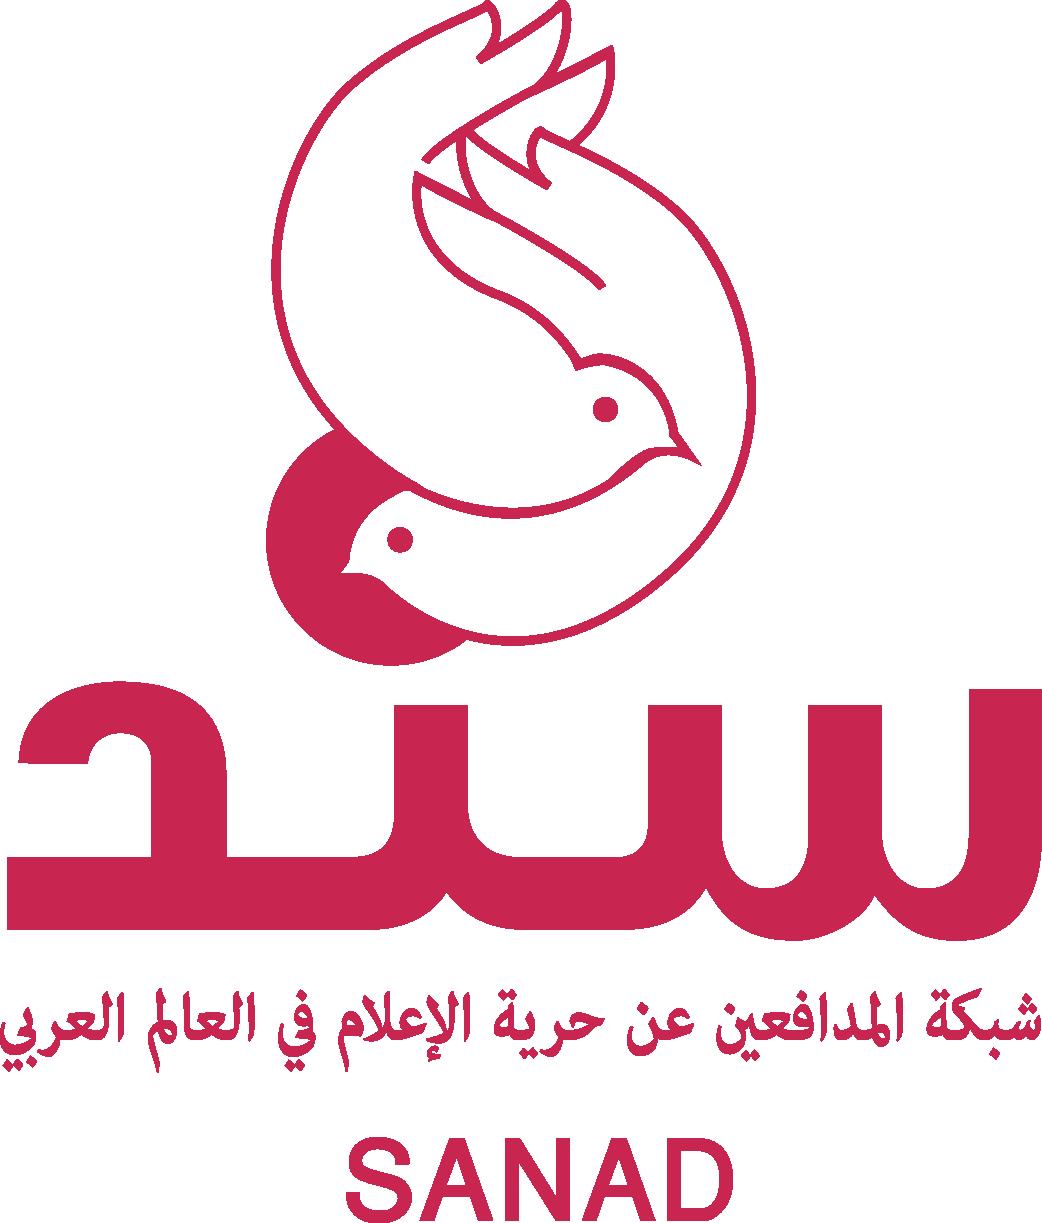 مركز حماية وحرية الصحفيين تقرير شبكة سند لشهر حزيران 2014